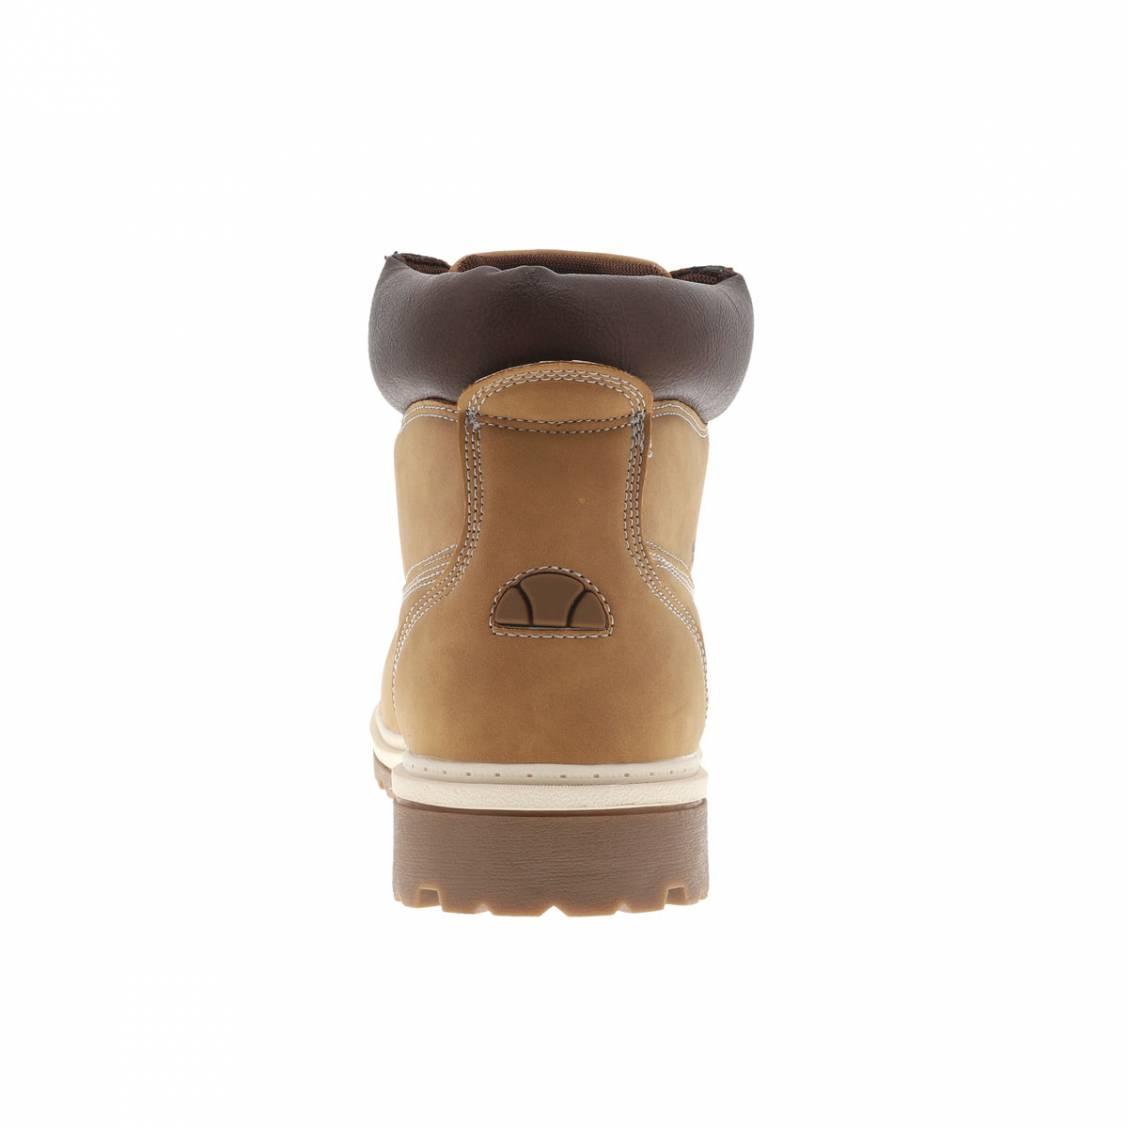 d0bd17af854 ... Boots hautes Ellesse Prime marron ...